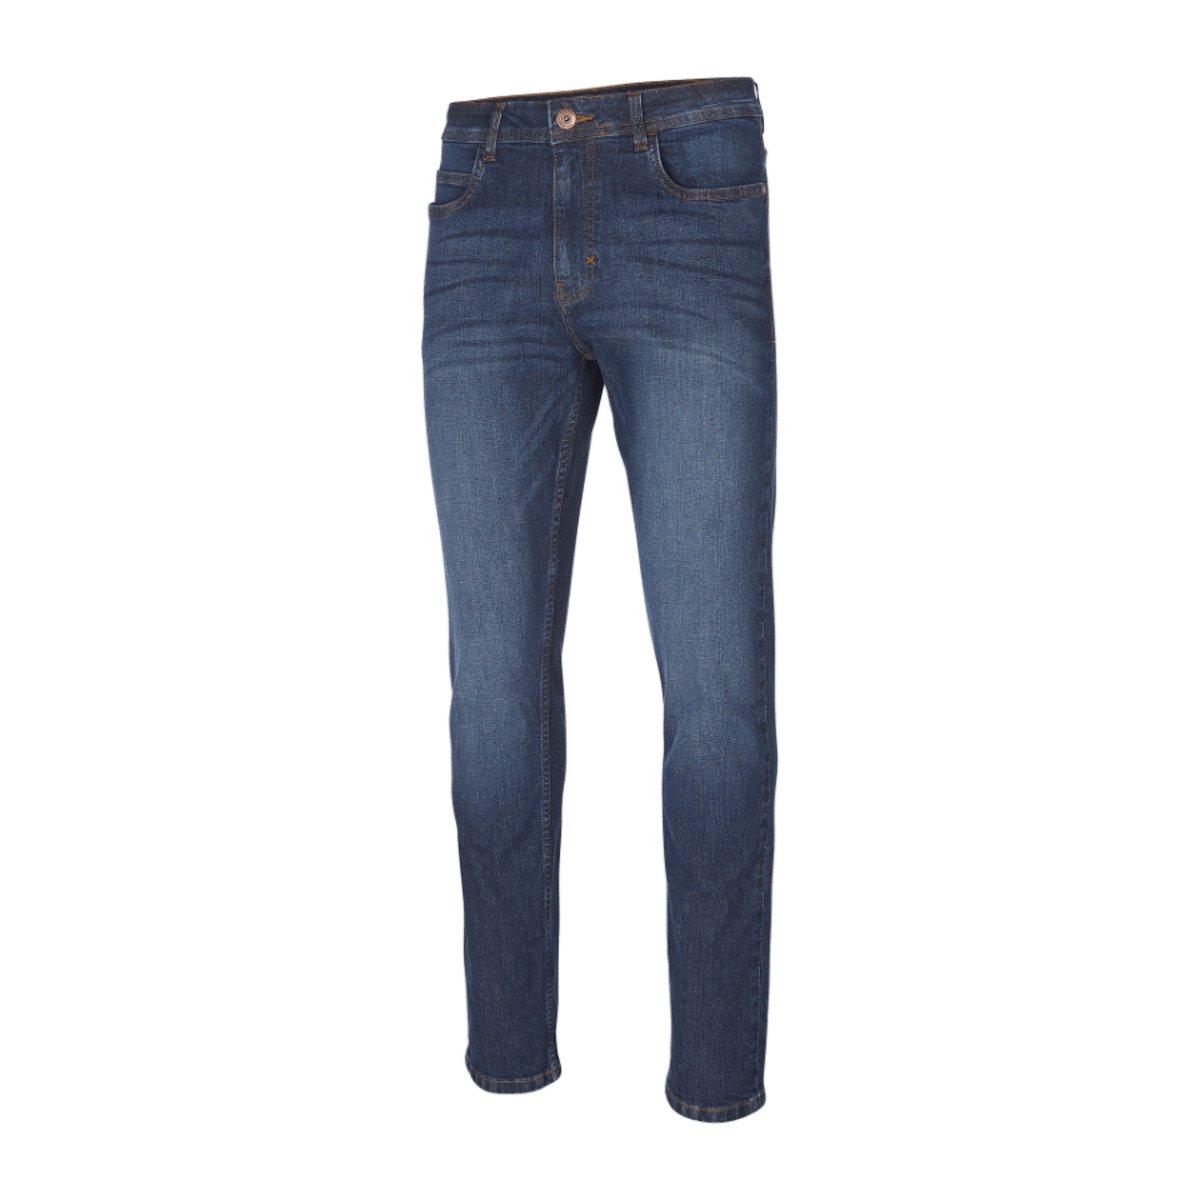 Bild 3 von STRAIGHT UP     Jeans, laser finished